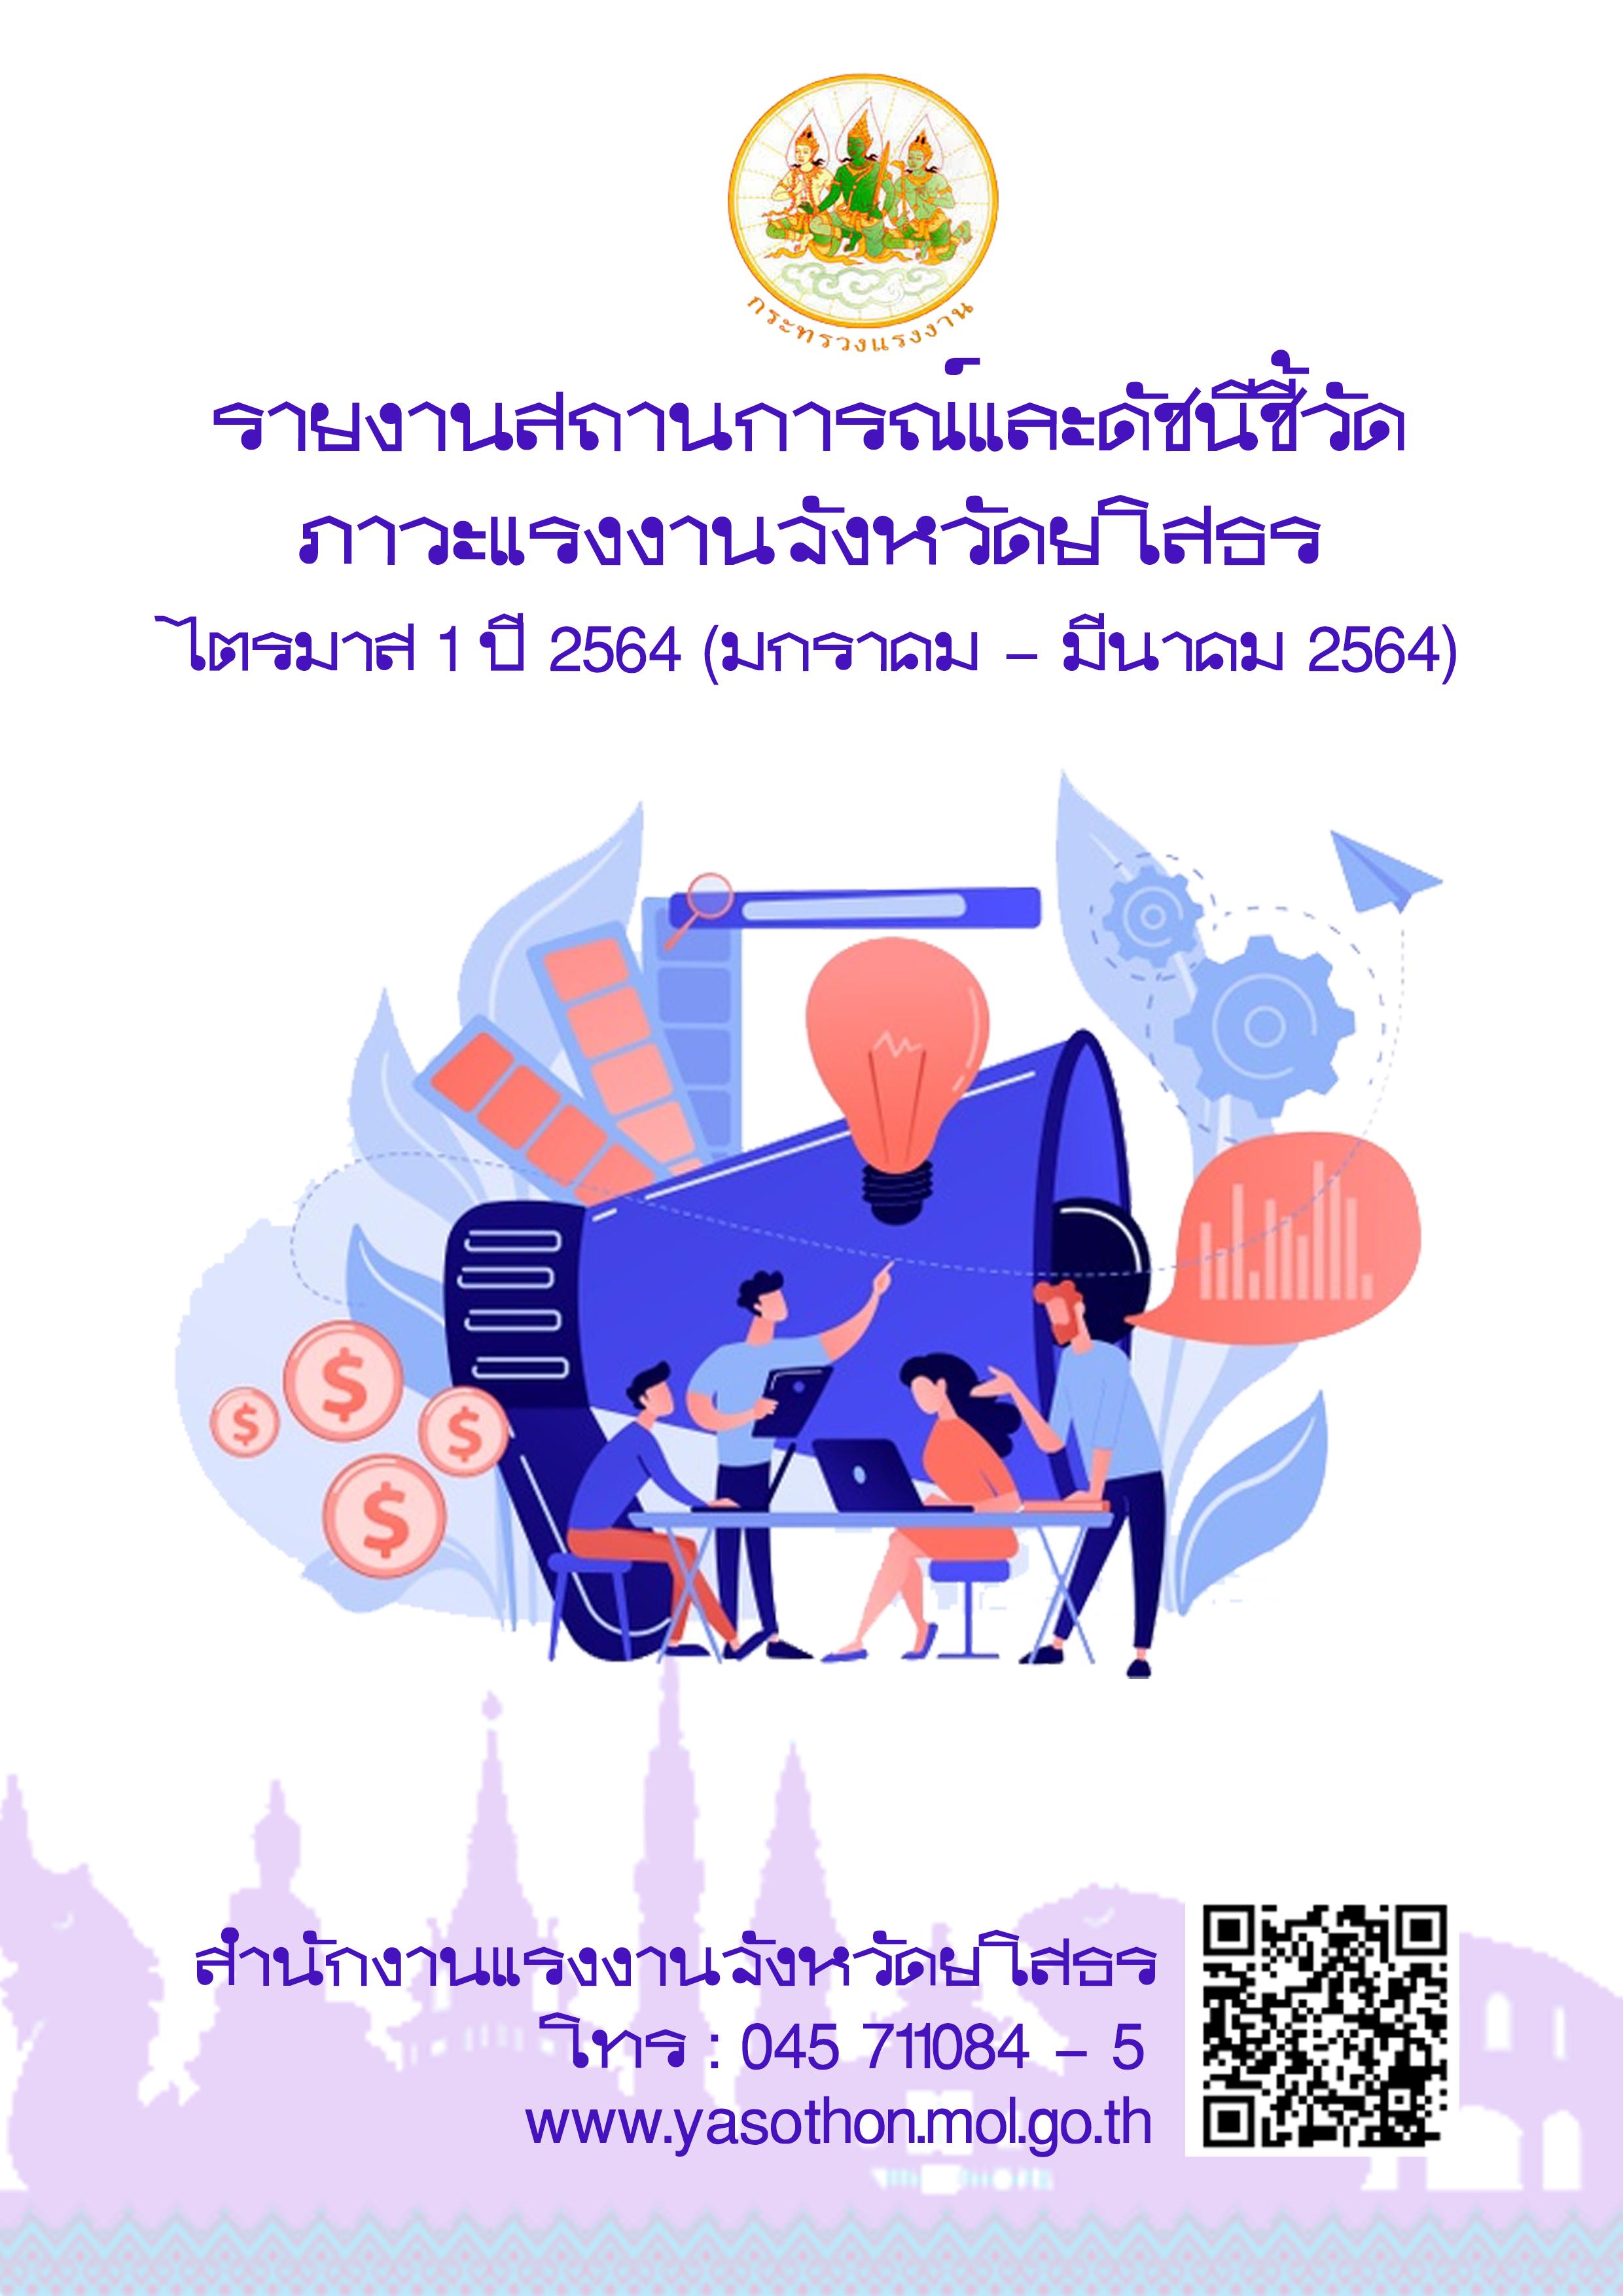 รายงานสถานการณ์แรงงานและดัชนีชี้วัดภาวะแรงงานจังหวัดยโสธร ไตรมาสที่ 1 ปี 2564 (มกราคม-มีนาคม 2564)